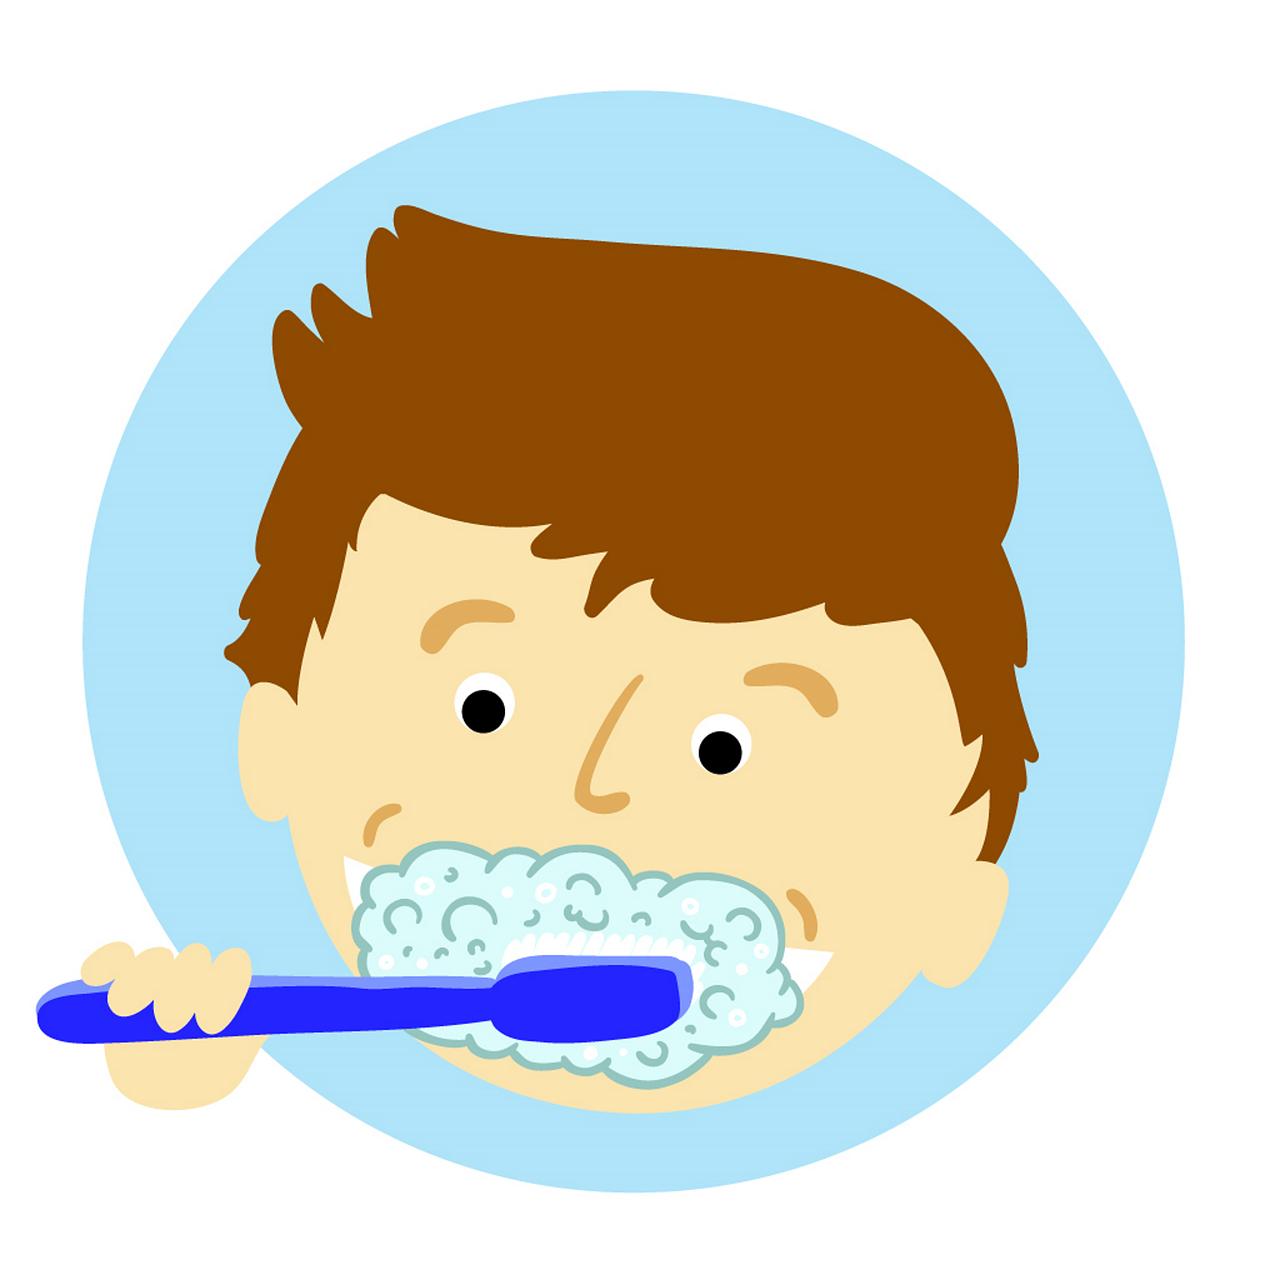 brushing-teeth-2351803_1280